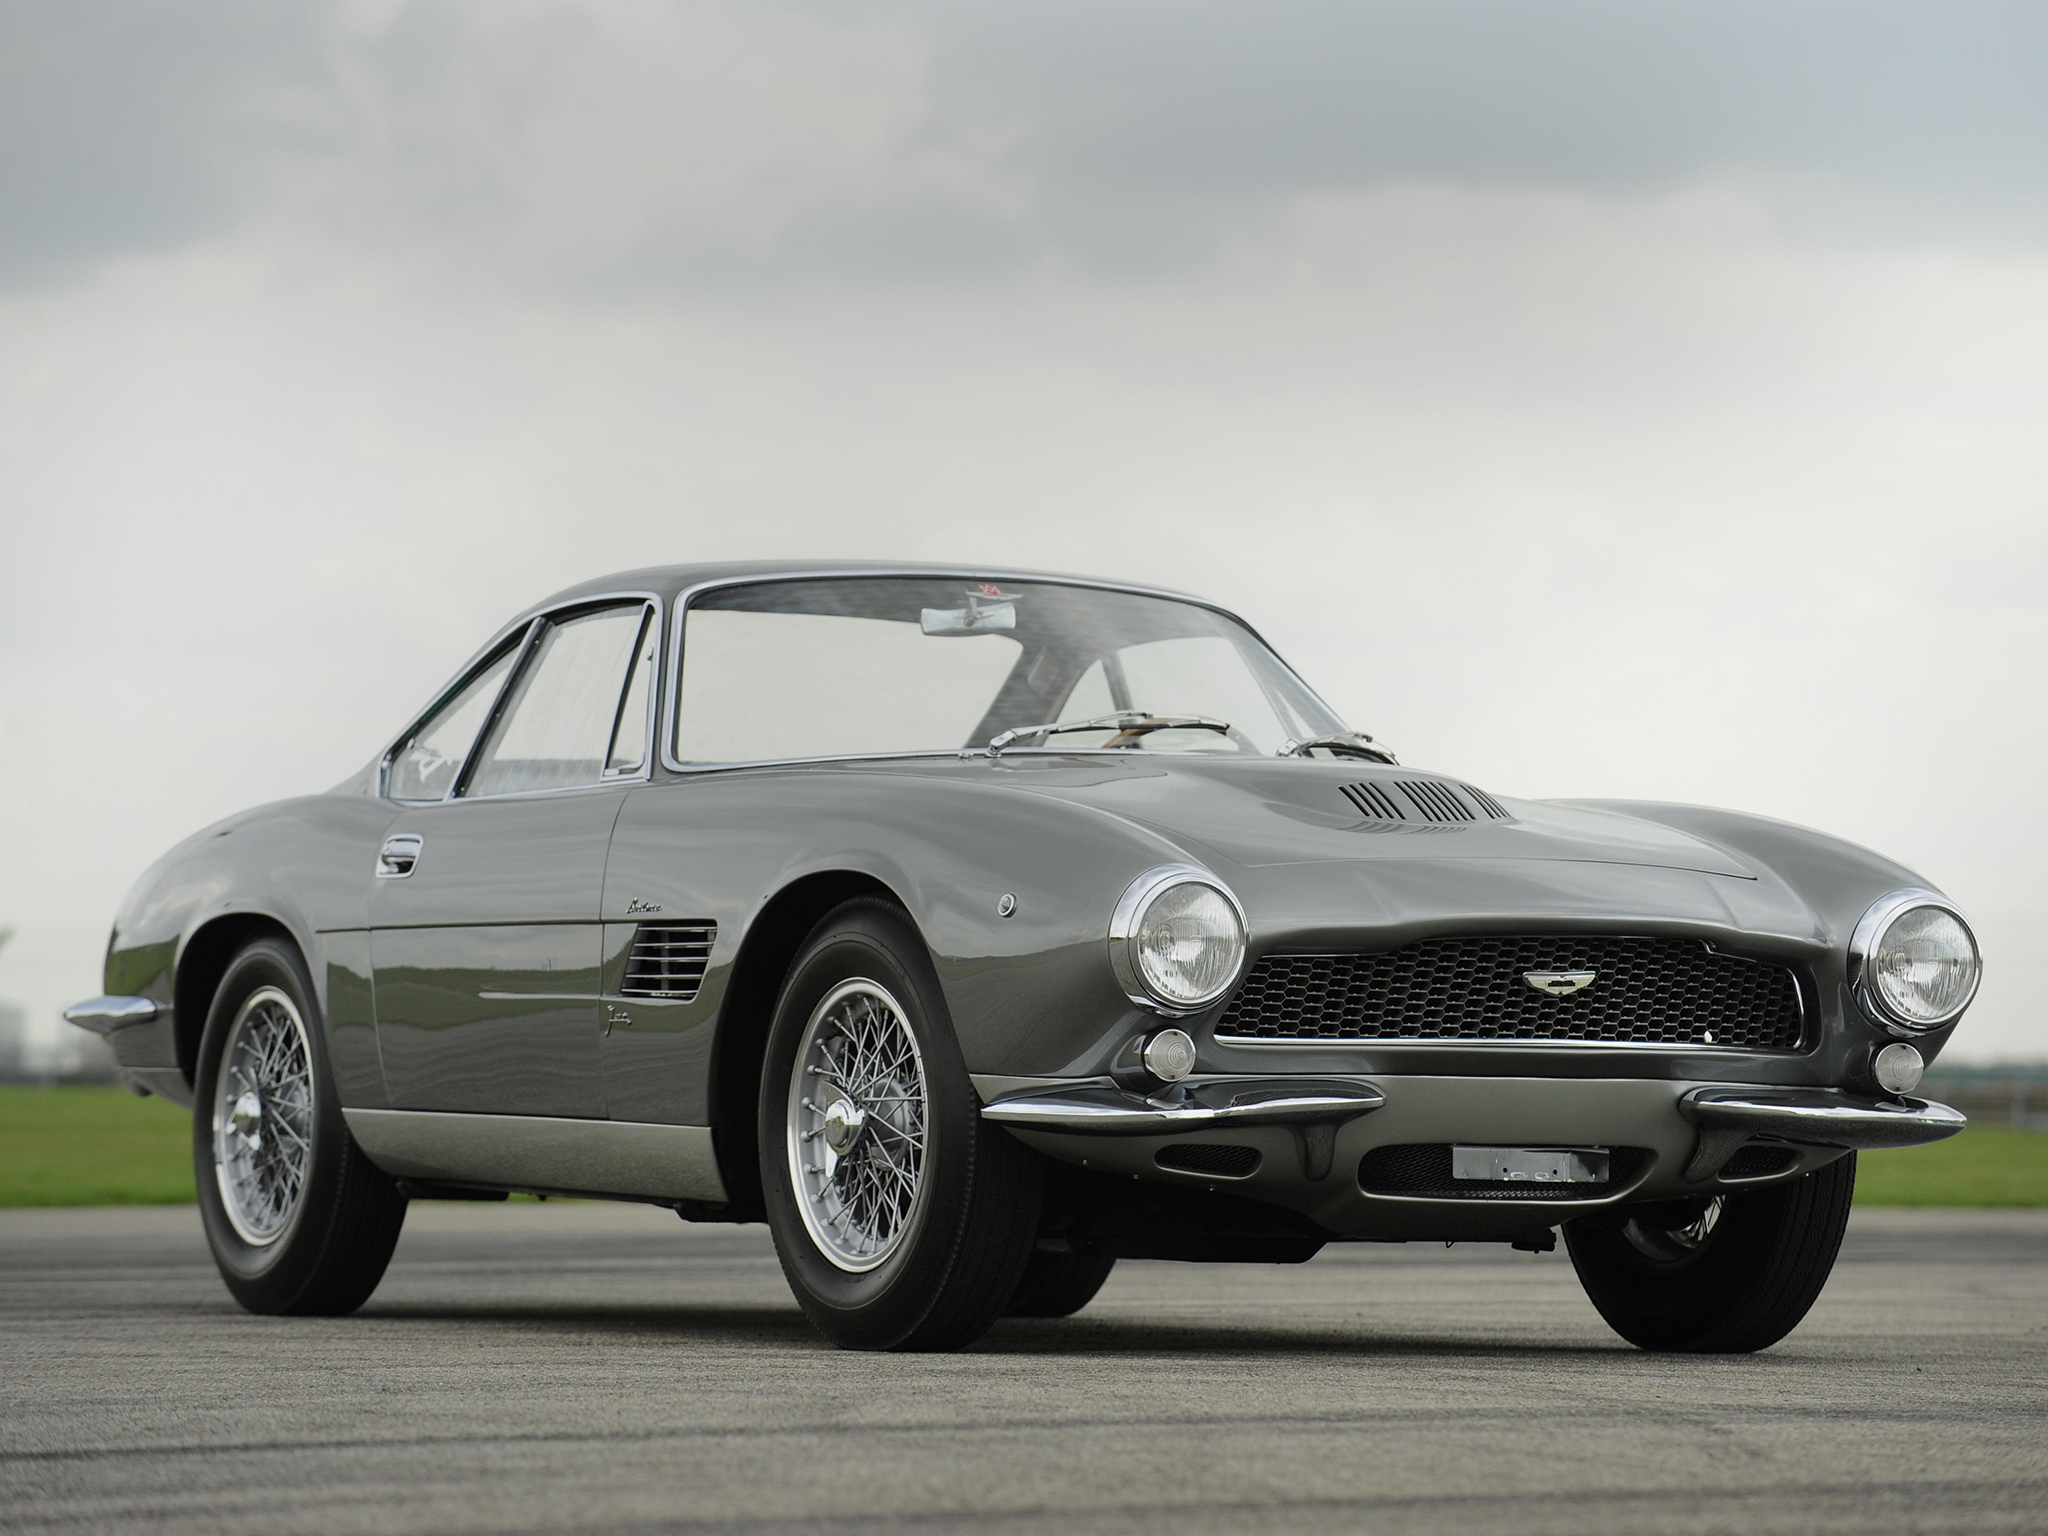 Aston Martin Works